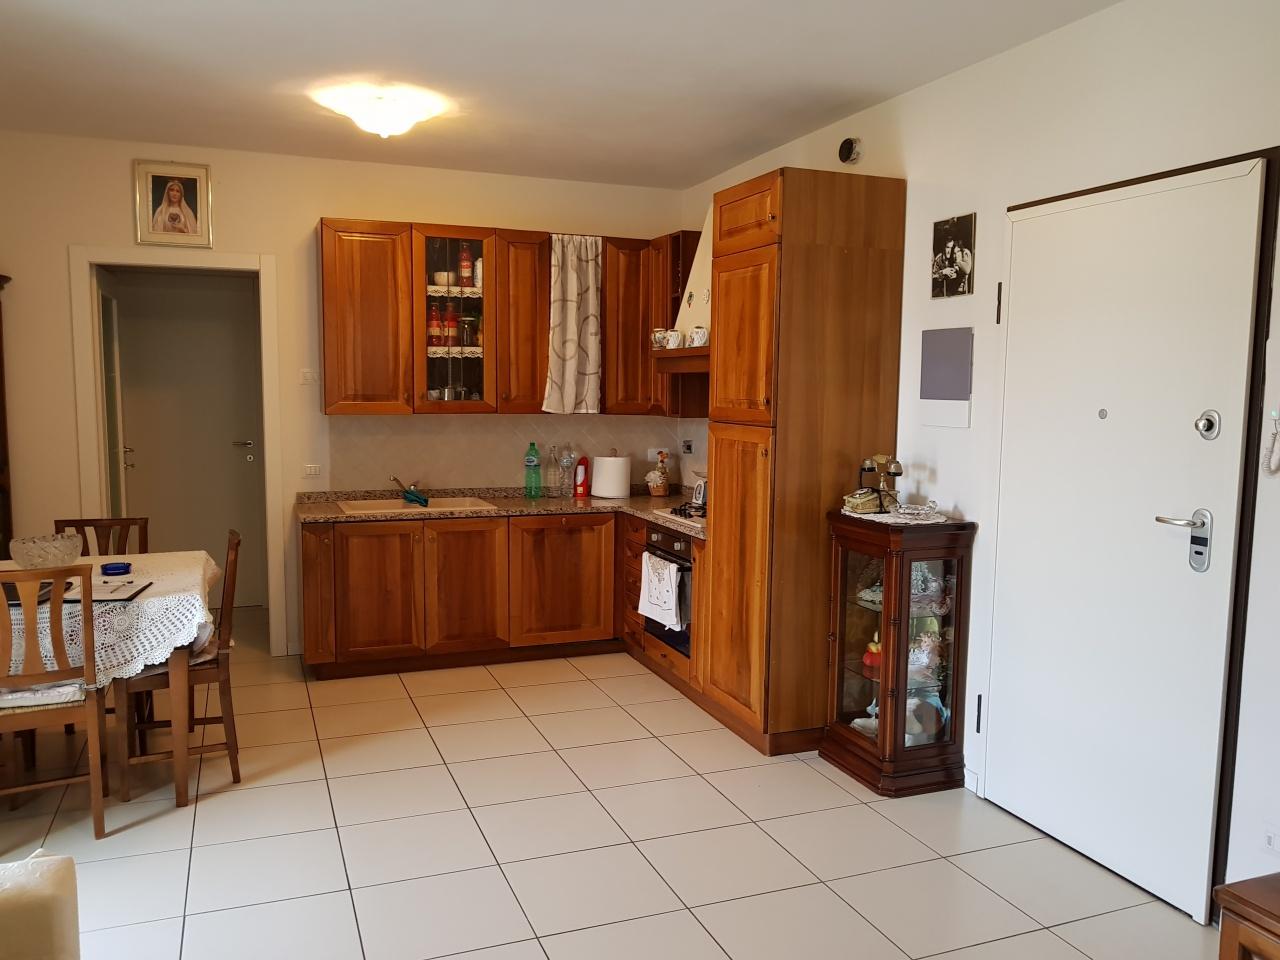 Appartamento in vendita a Montemurlo, 2 locali, prezzo € 149.000 | CambioCasa.it